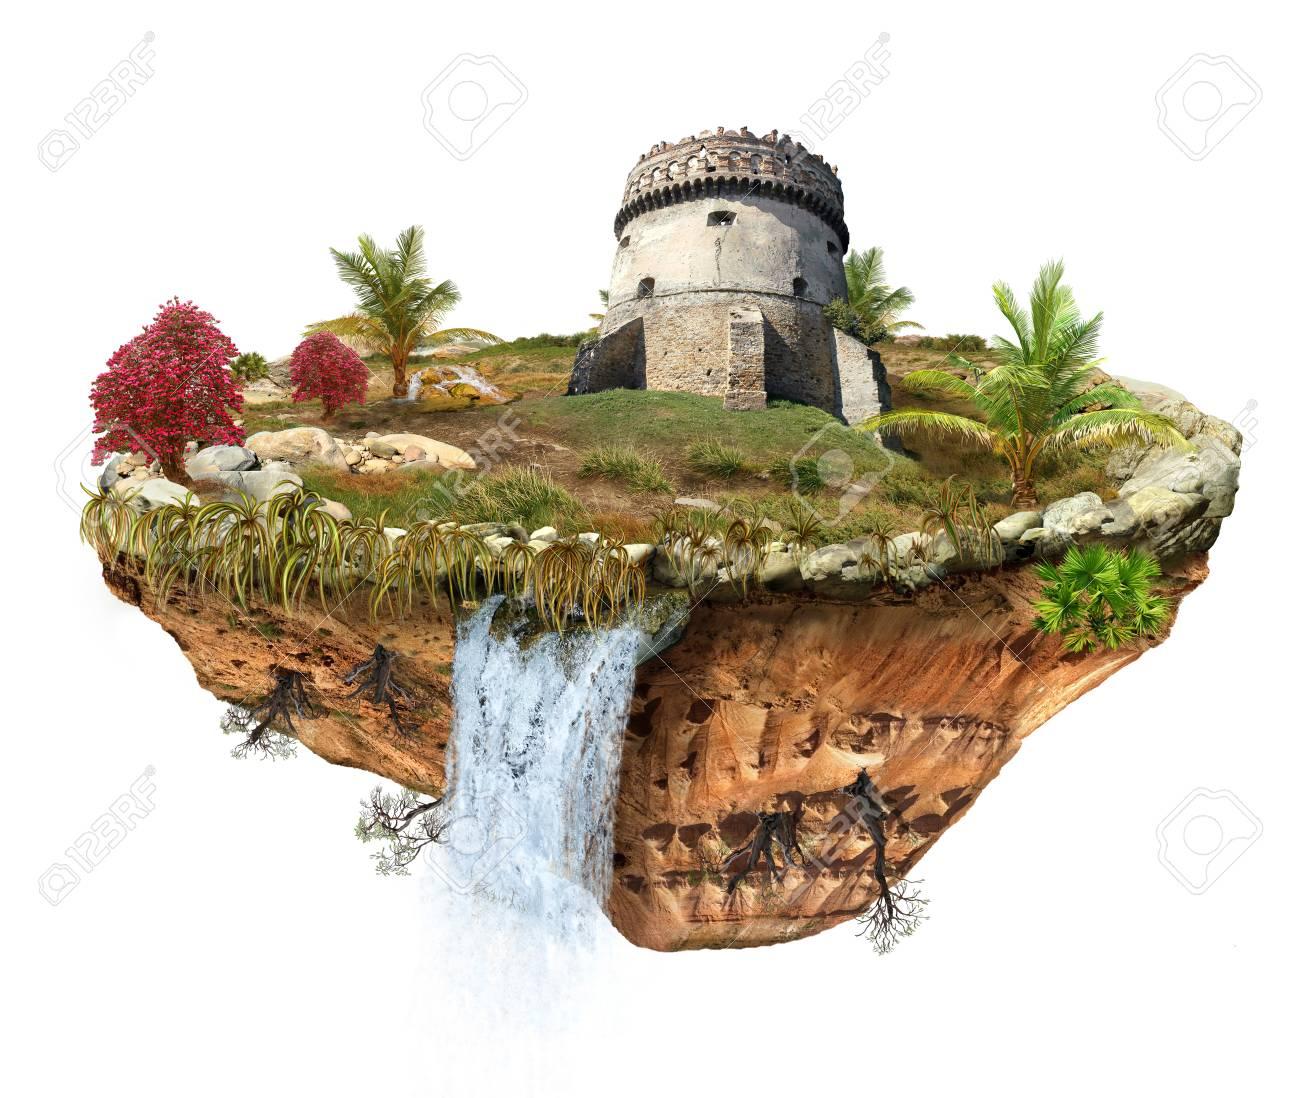 Ile Volante tour médiévale du château de pierre sur l'île volante banque d